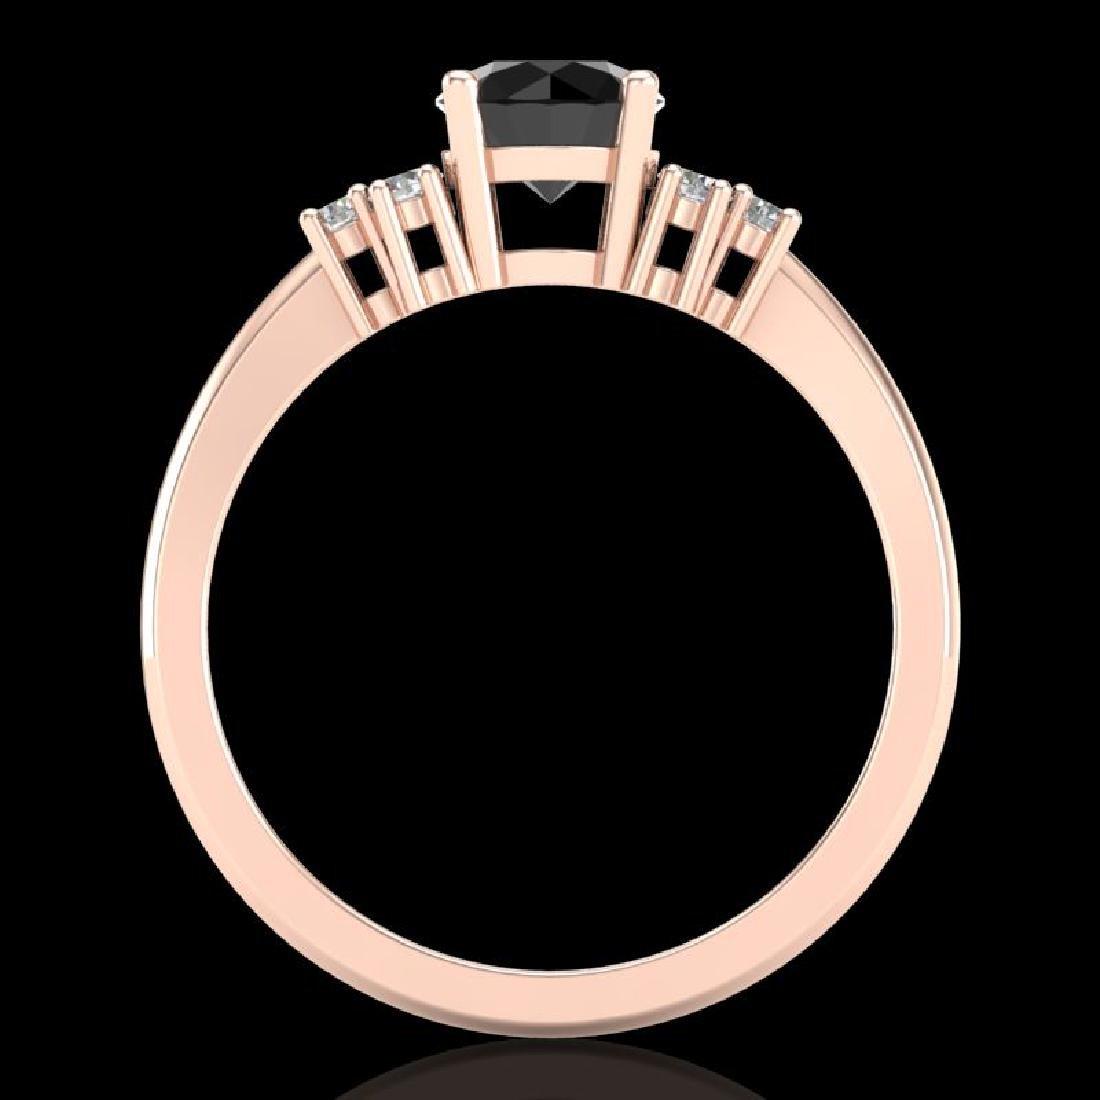 1 CTW Fancy Black Diamond Solitaire Engagement Classic - 3